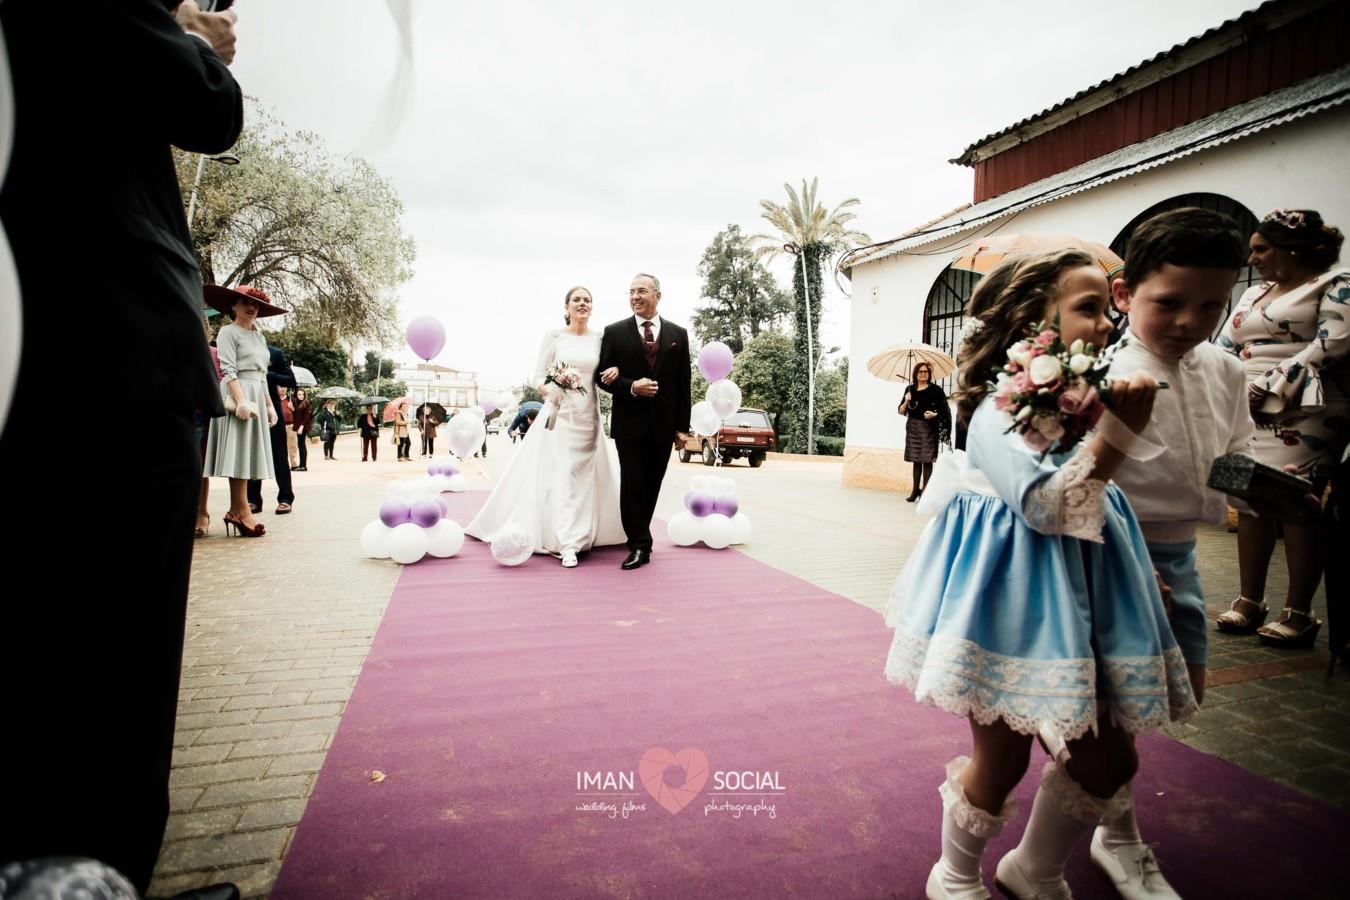 fotografo-de-boda-en-cordoba-sevilla-posadas-boda-auxi-y-antonio-25 Auxi & Antonio, primera boda de la temporada - video boda cordoba